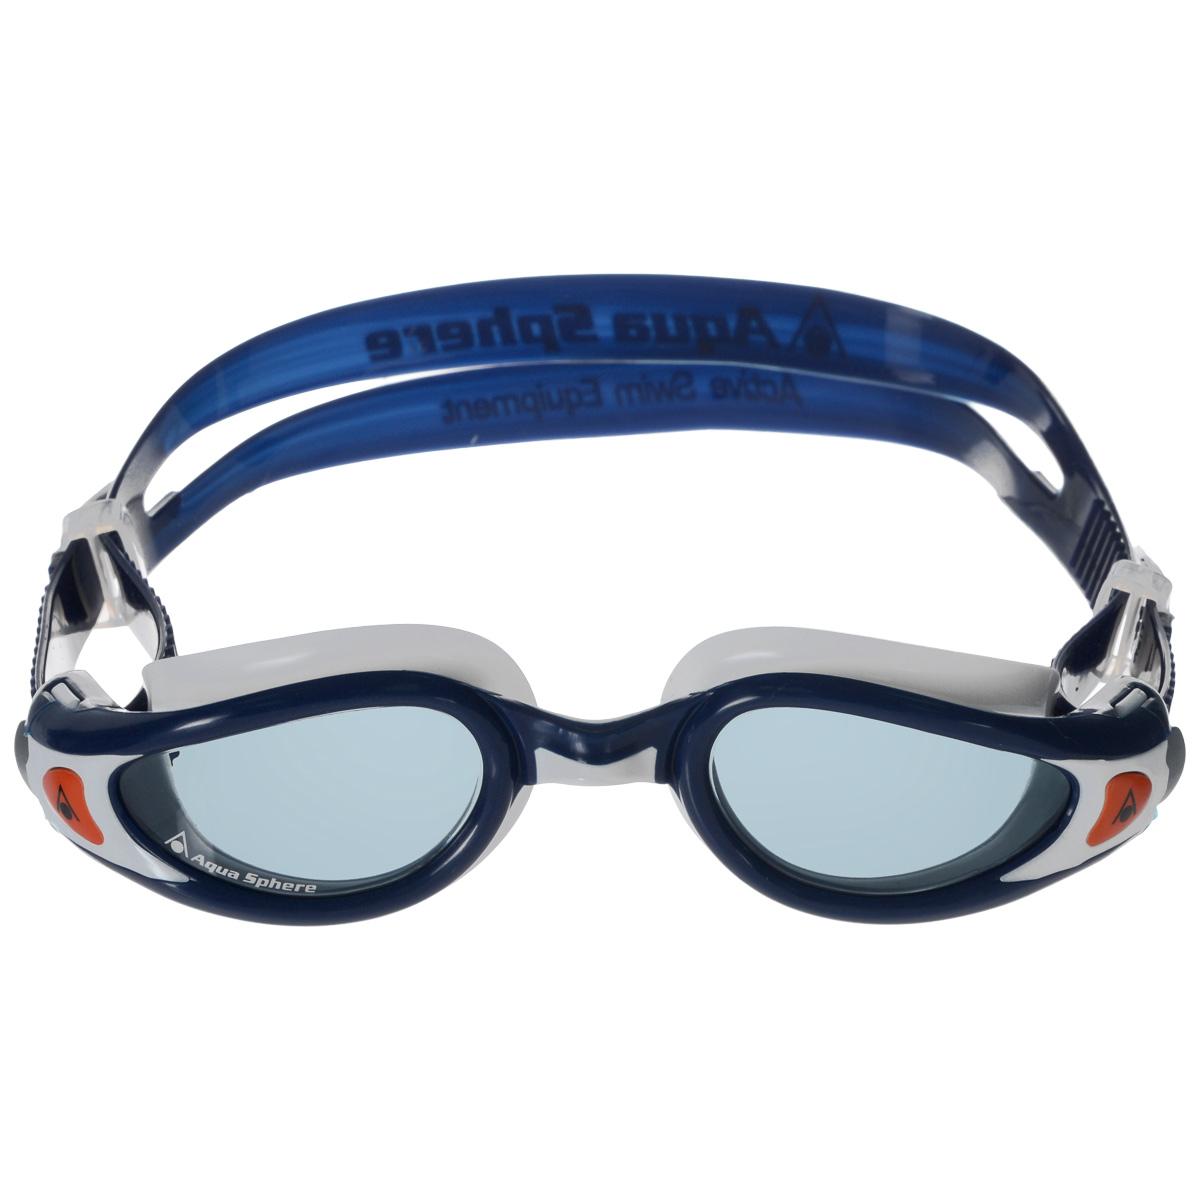 """Очки для плавания Aqua Sphere """"Kaiman Exo"""", прозрачные линзы, цвет: синий, белый"""